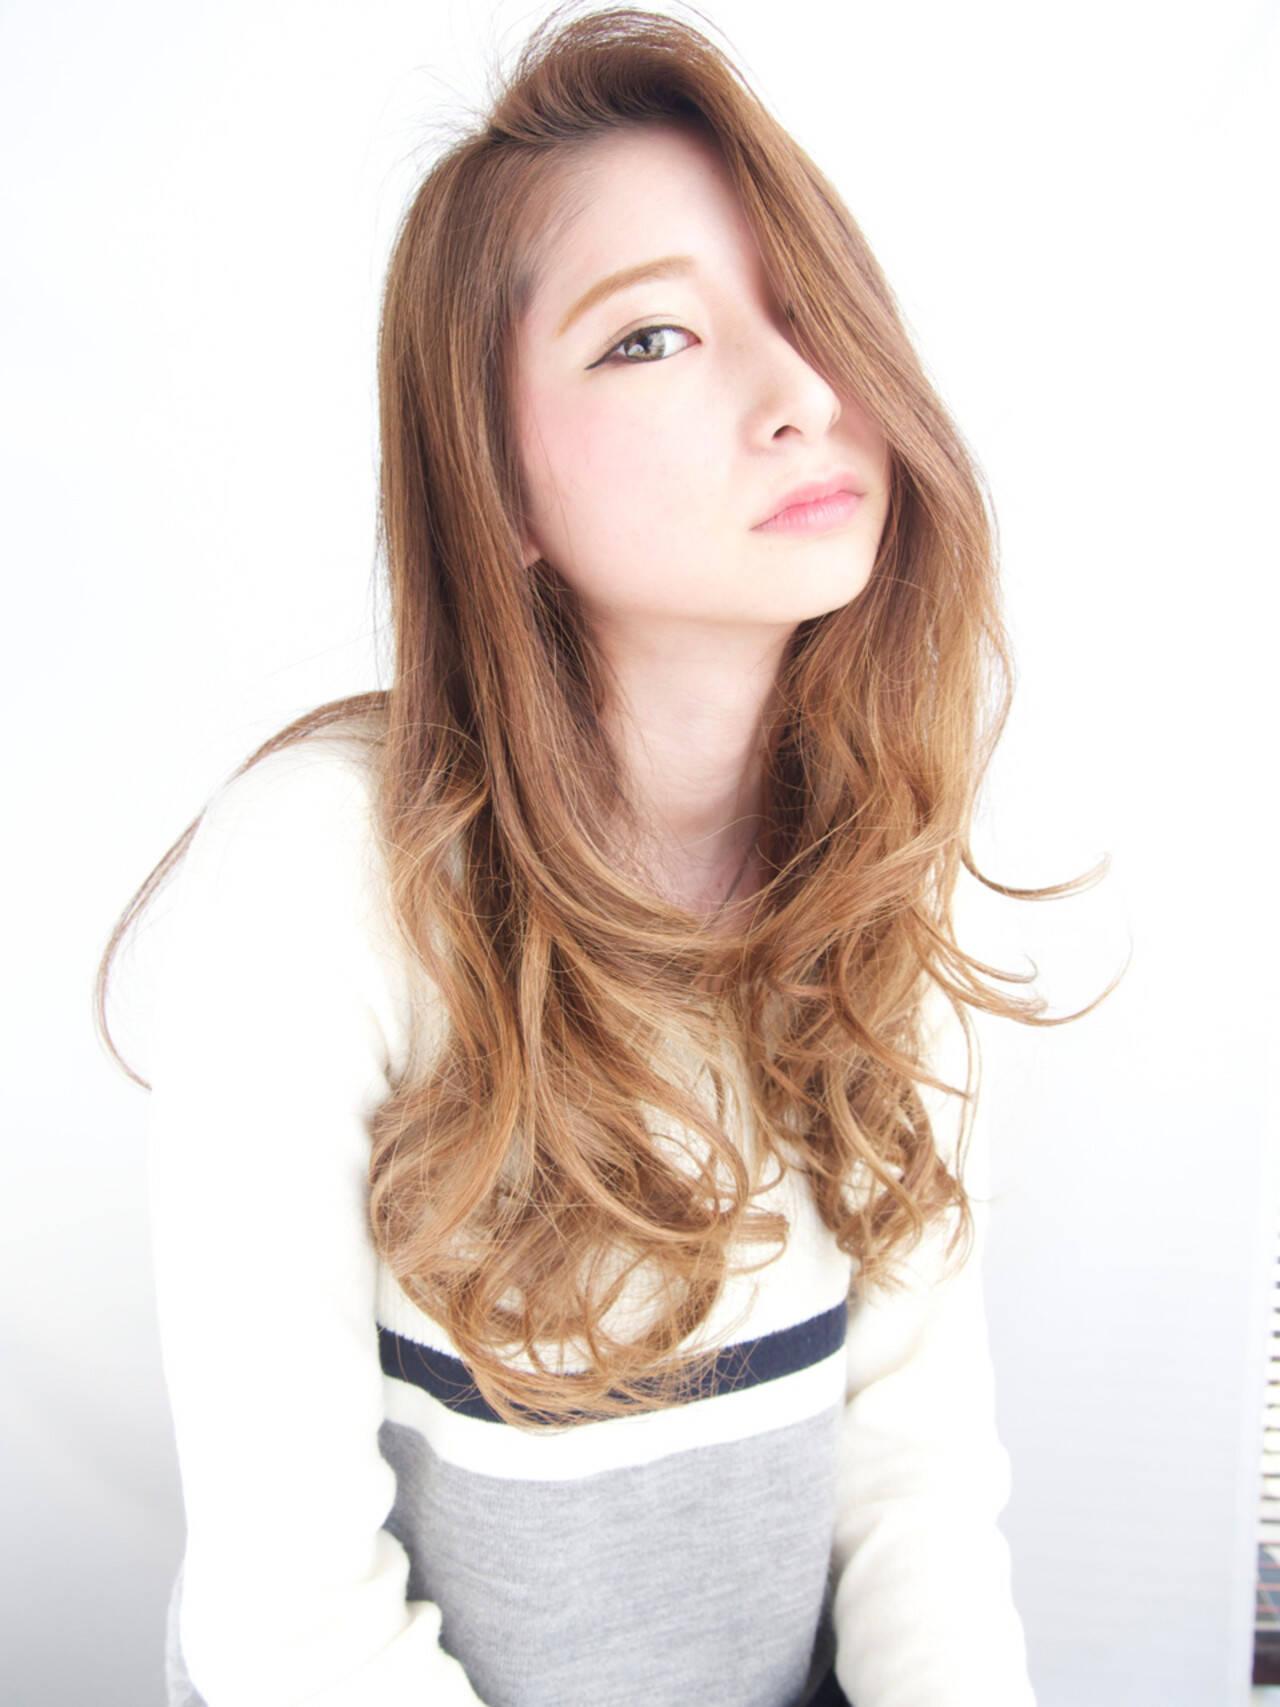 セミロング 渋谷系 外国人風 アッシュヘアスタイルや髪型の写真・画像